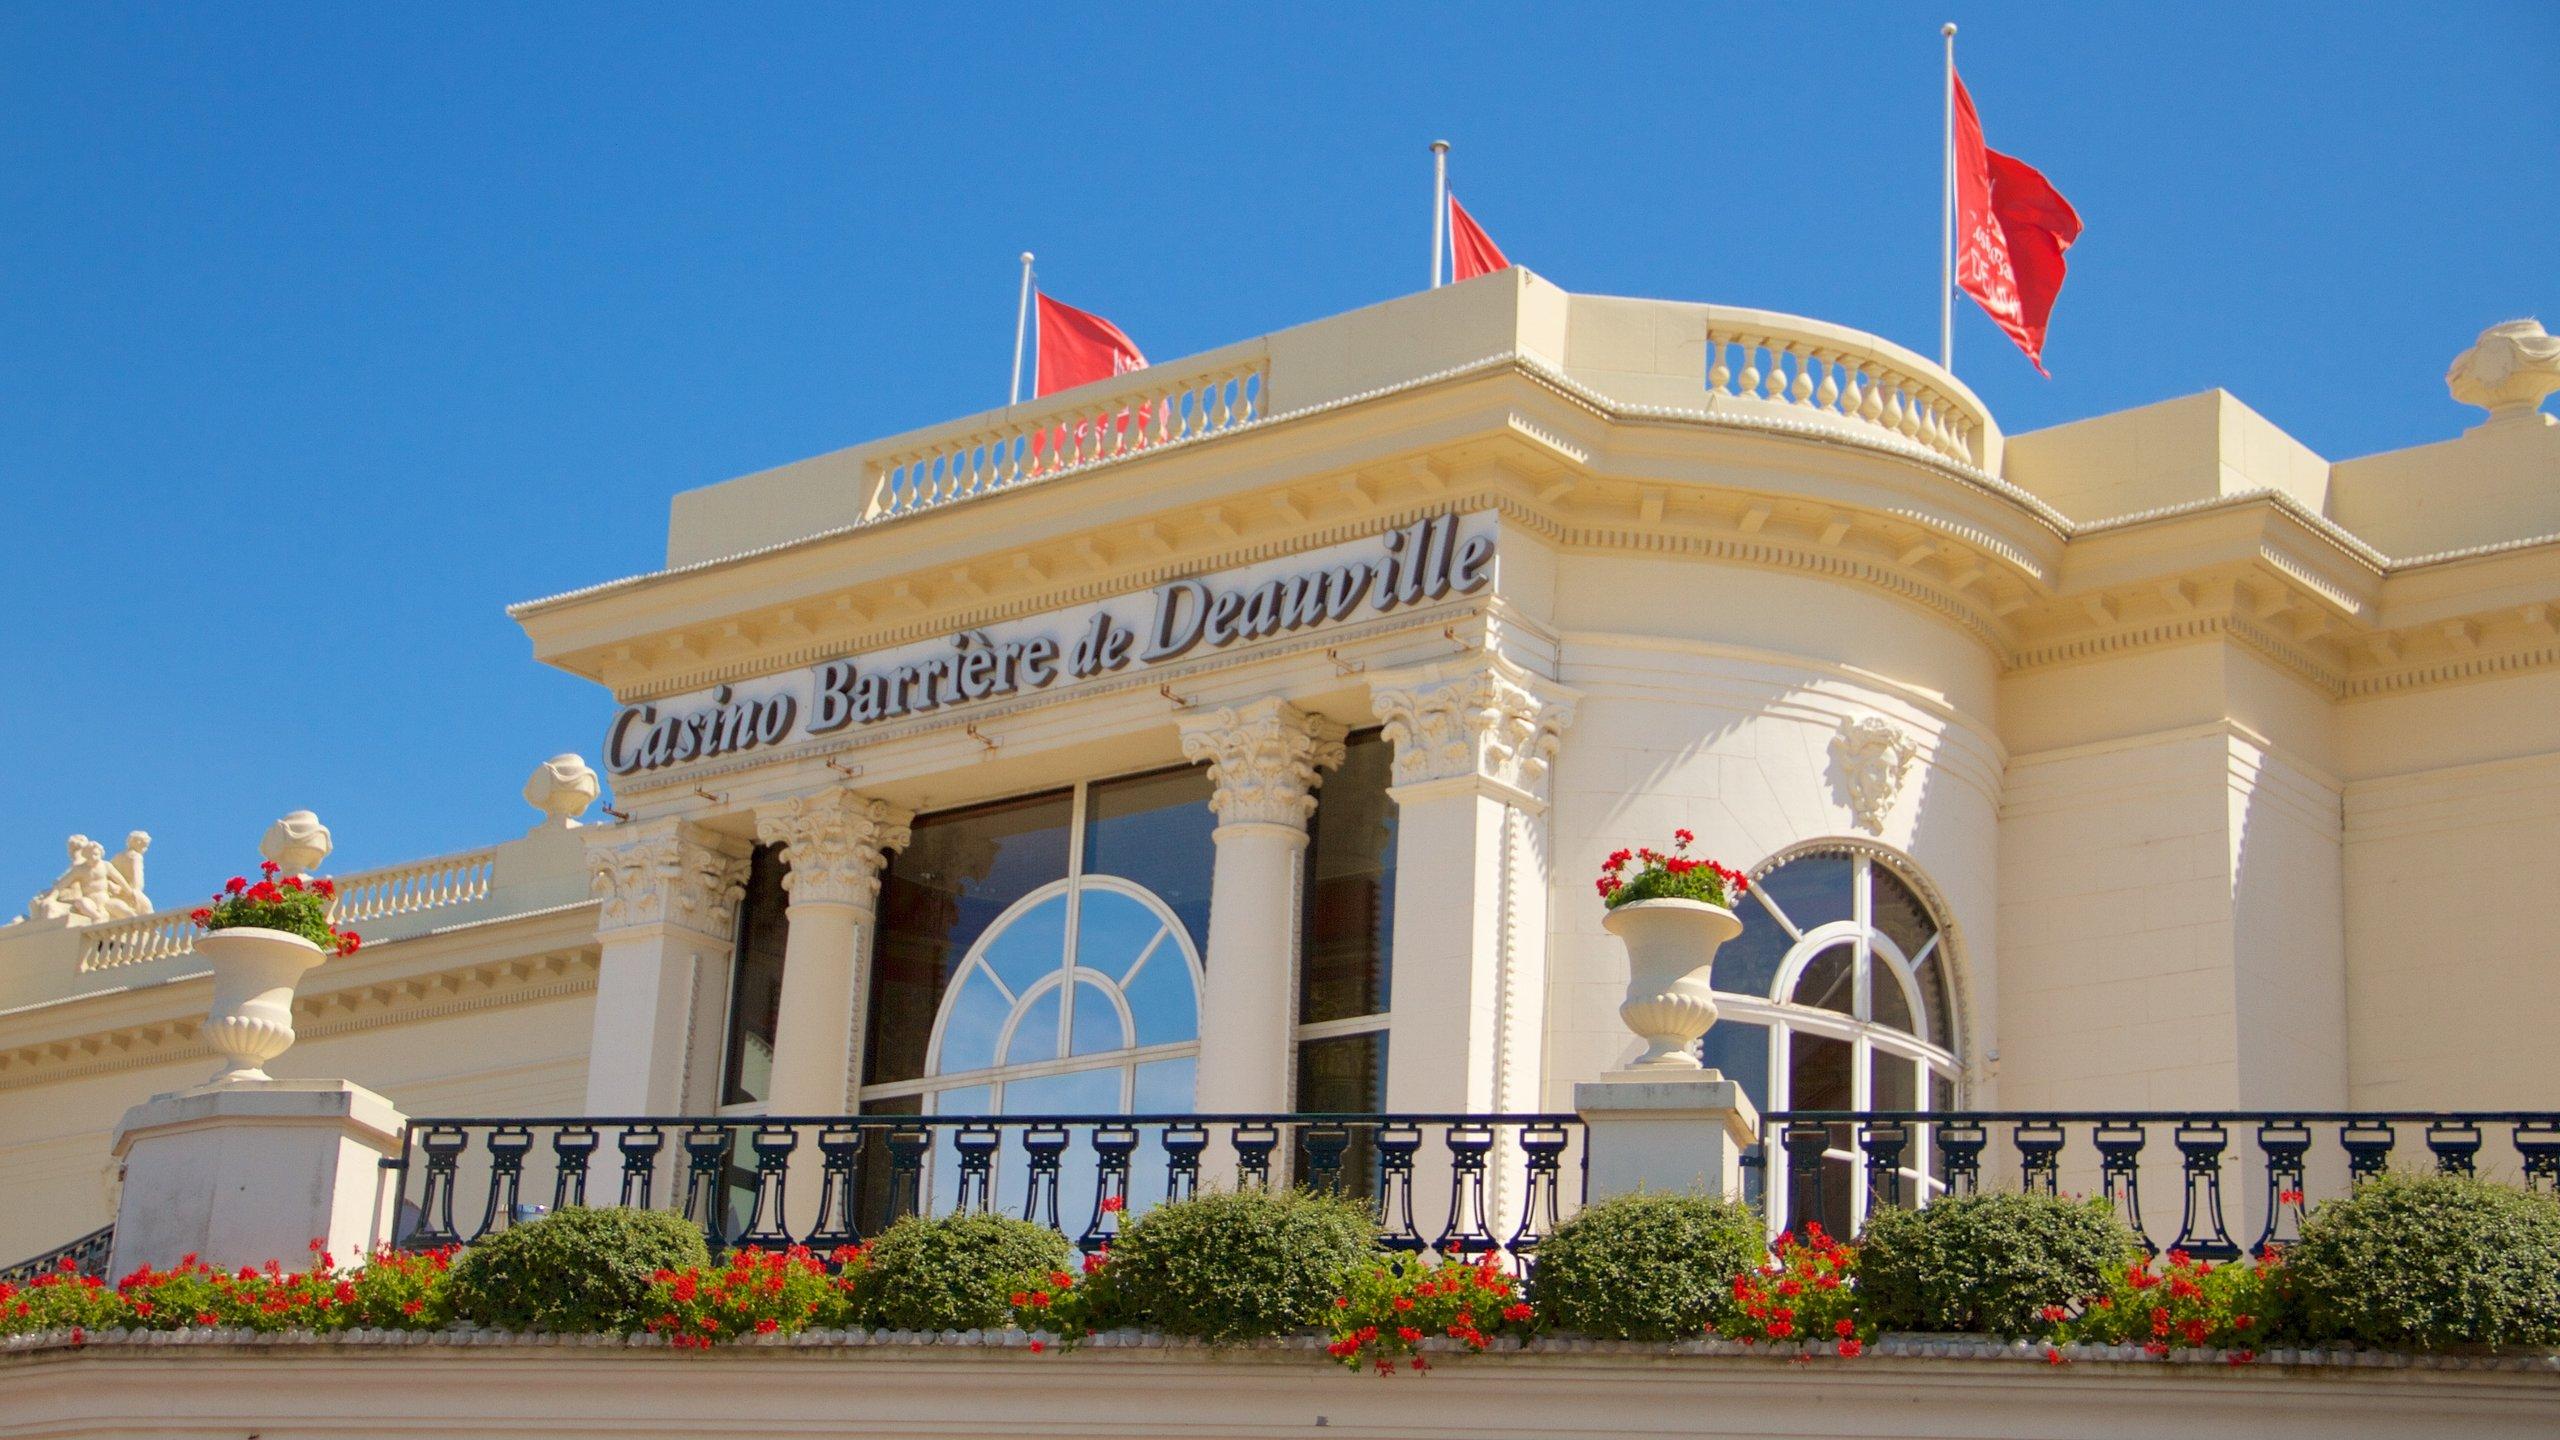 Casino Barrière de Deauville, Deauville, Calvados (departement), Frankrijk